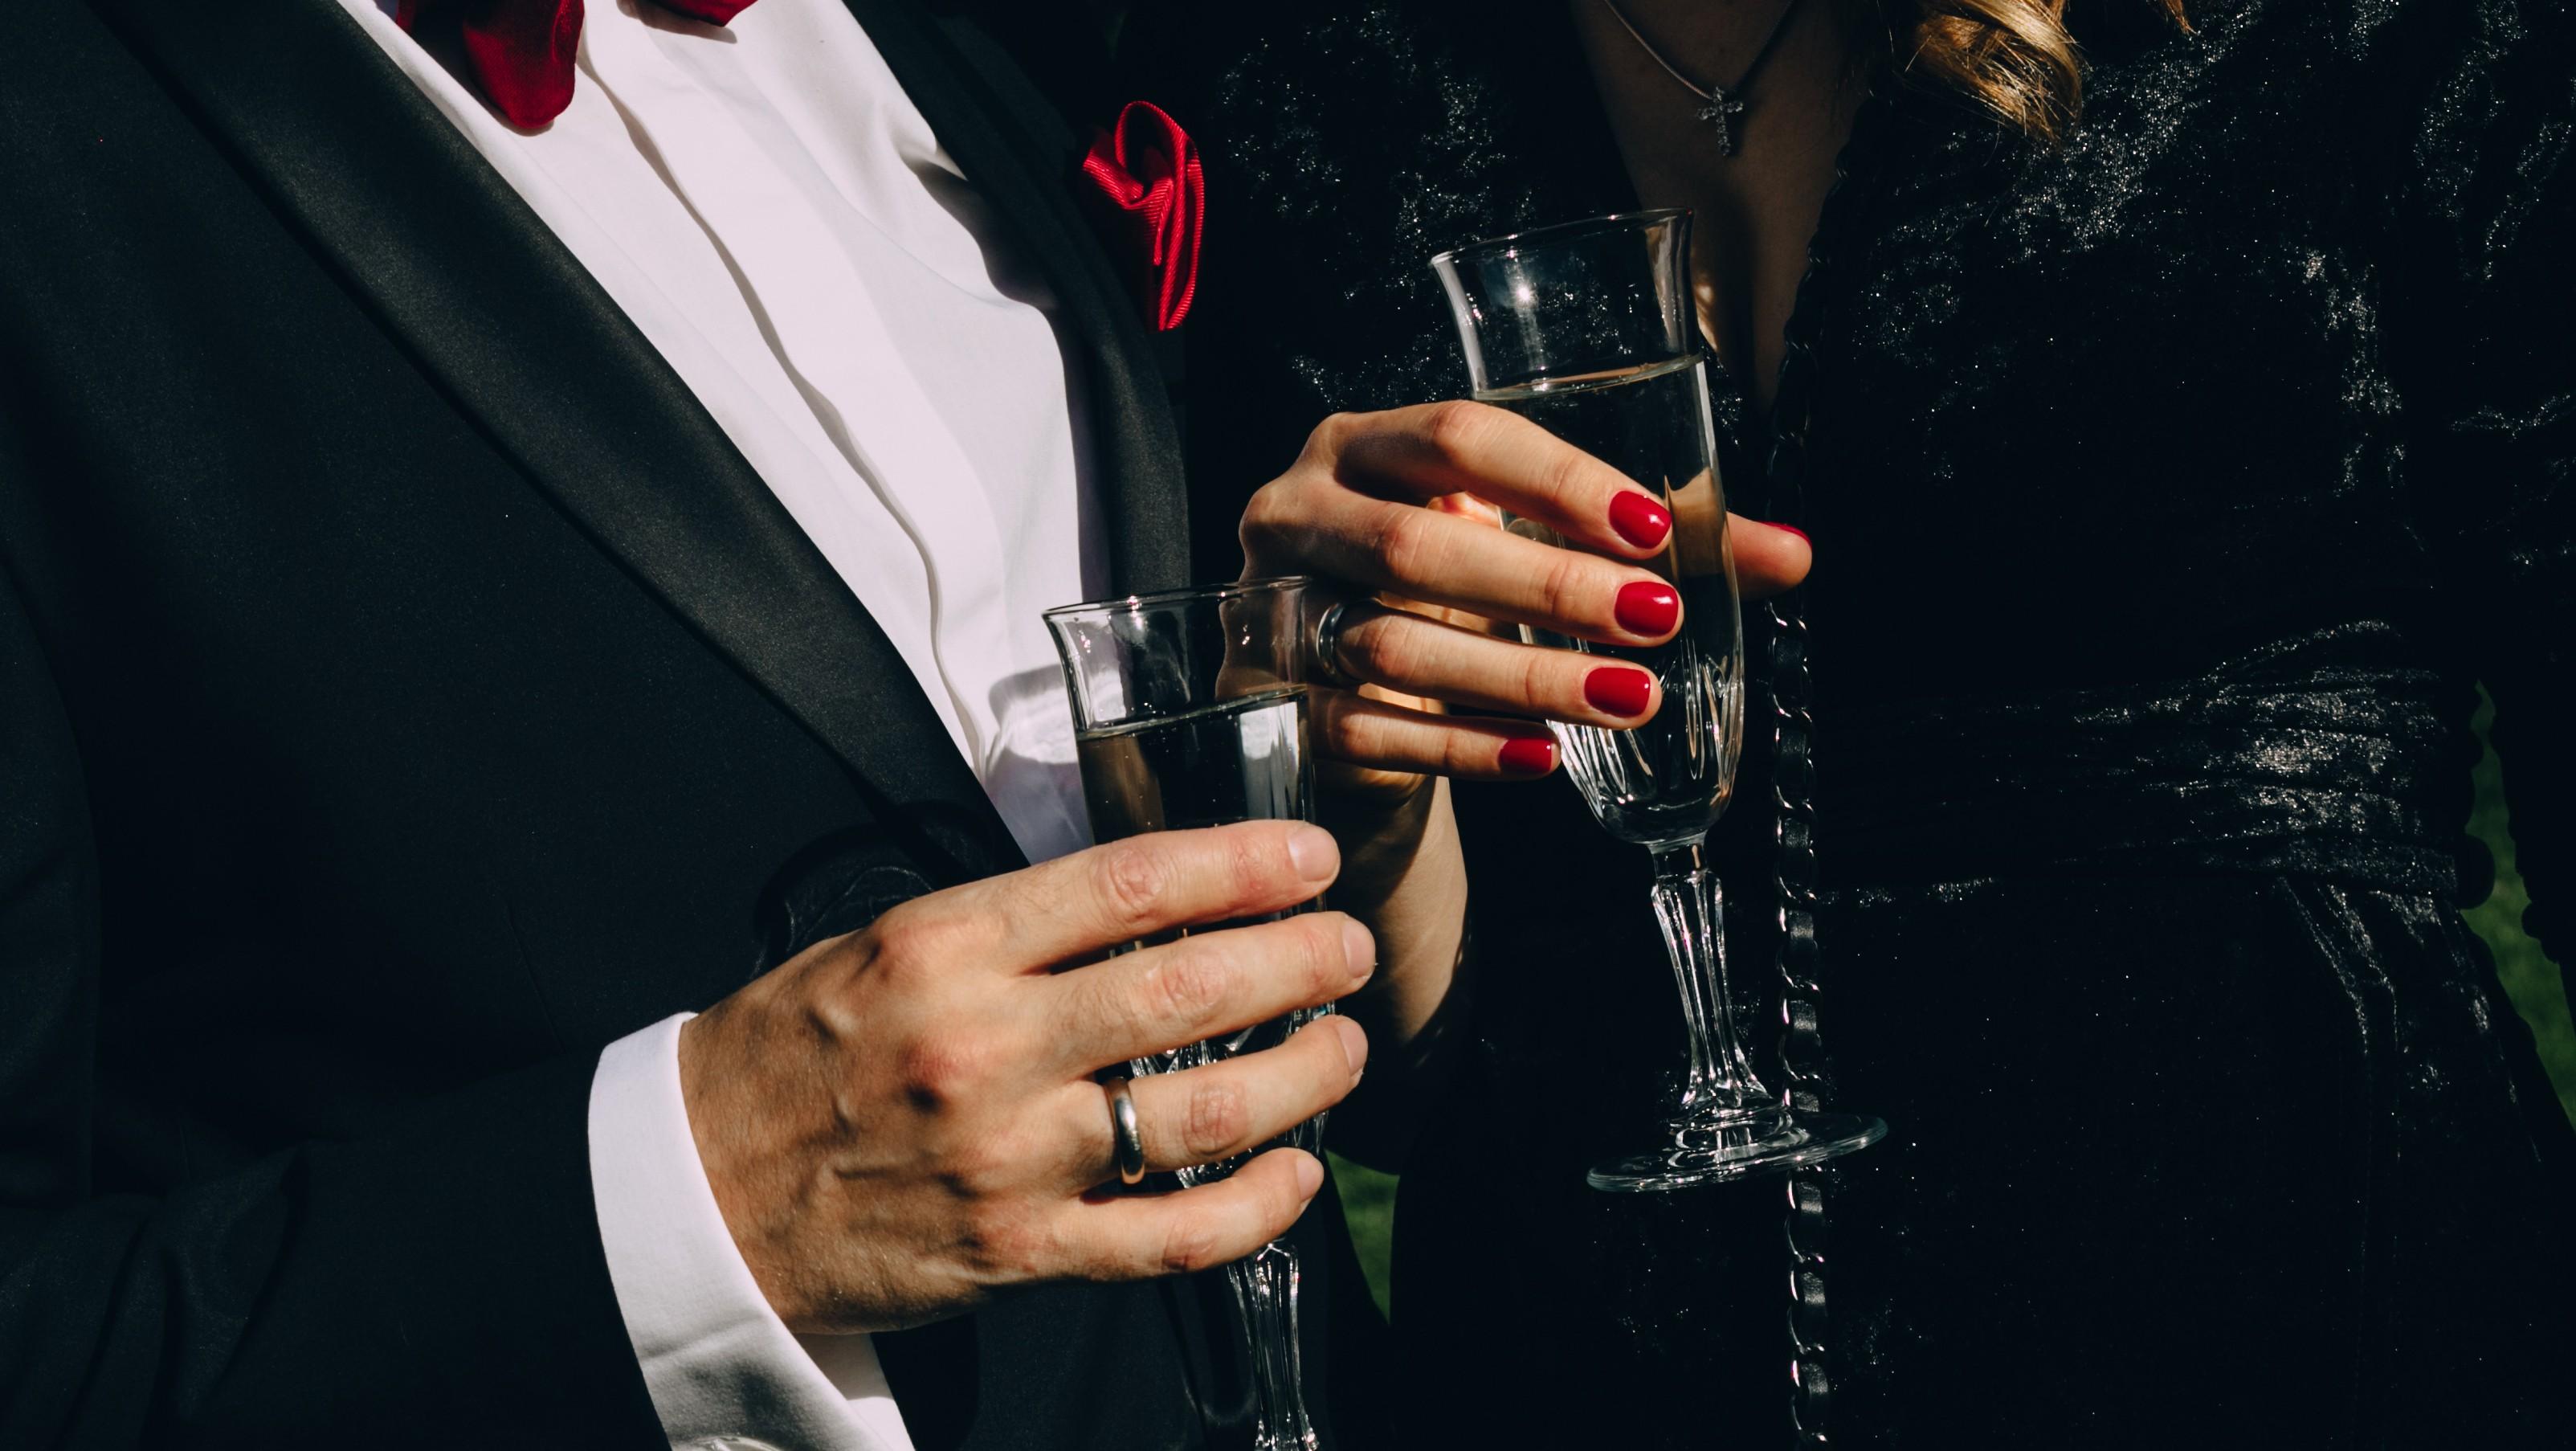 Journalist führt Edelprostituierte vor – und bekommt die Rechnung Tage später